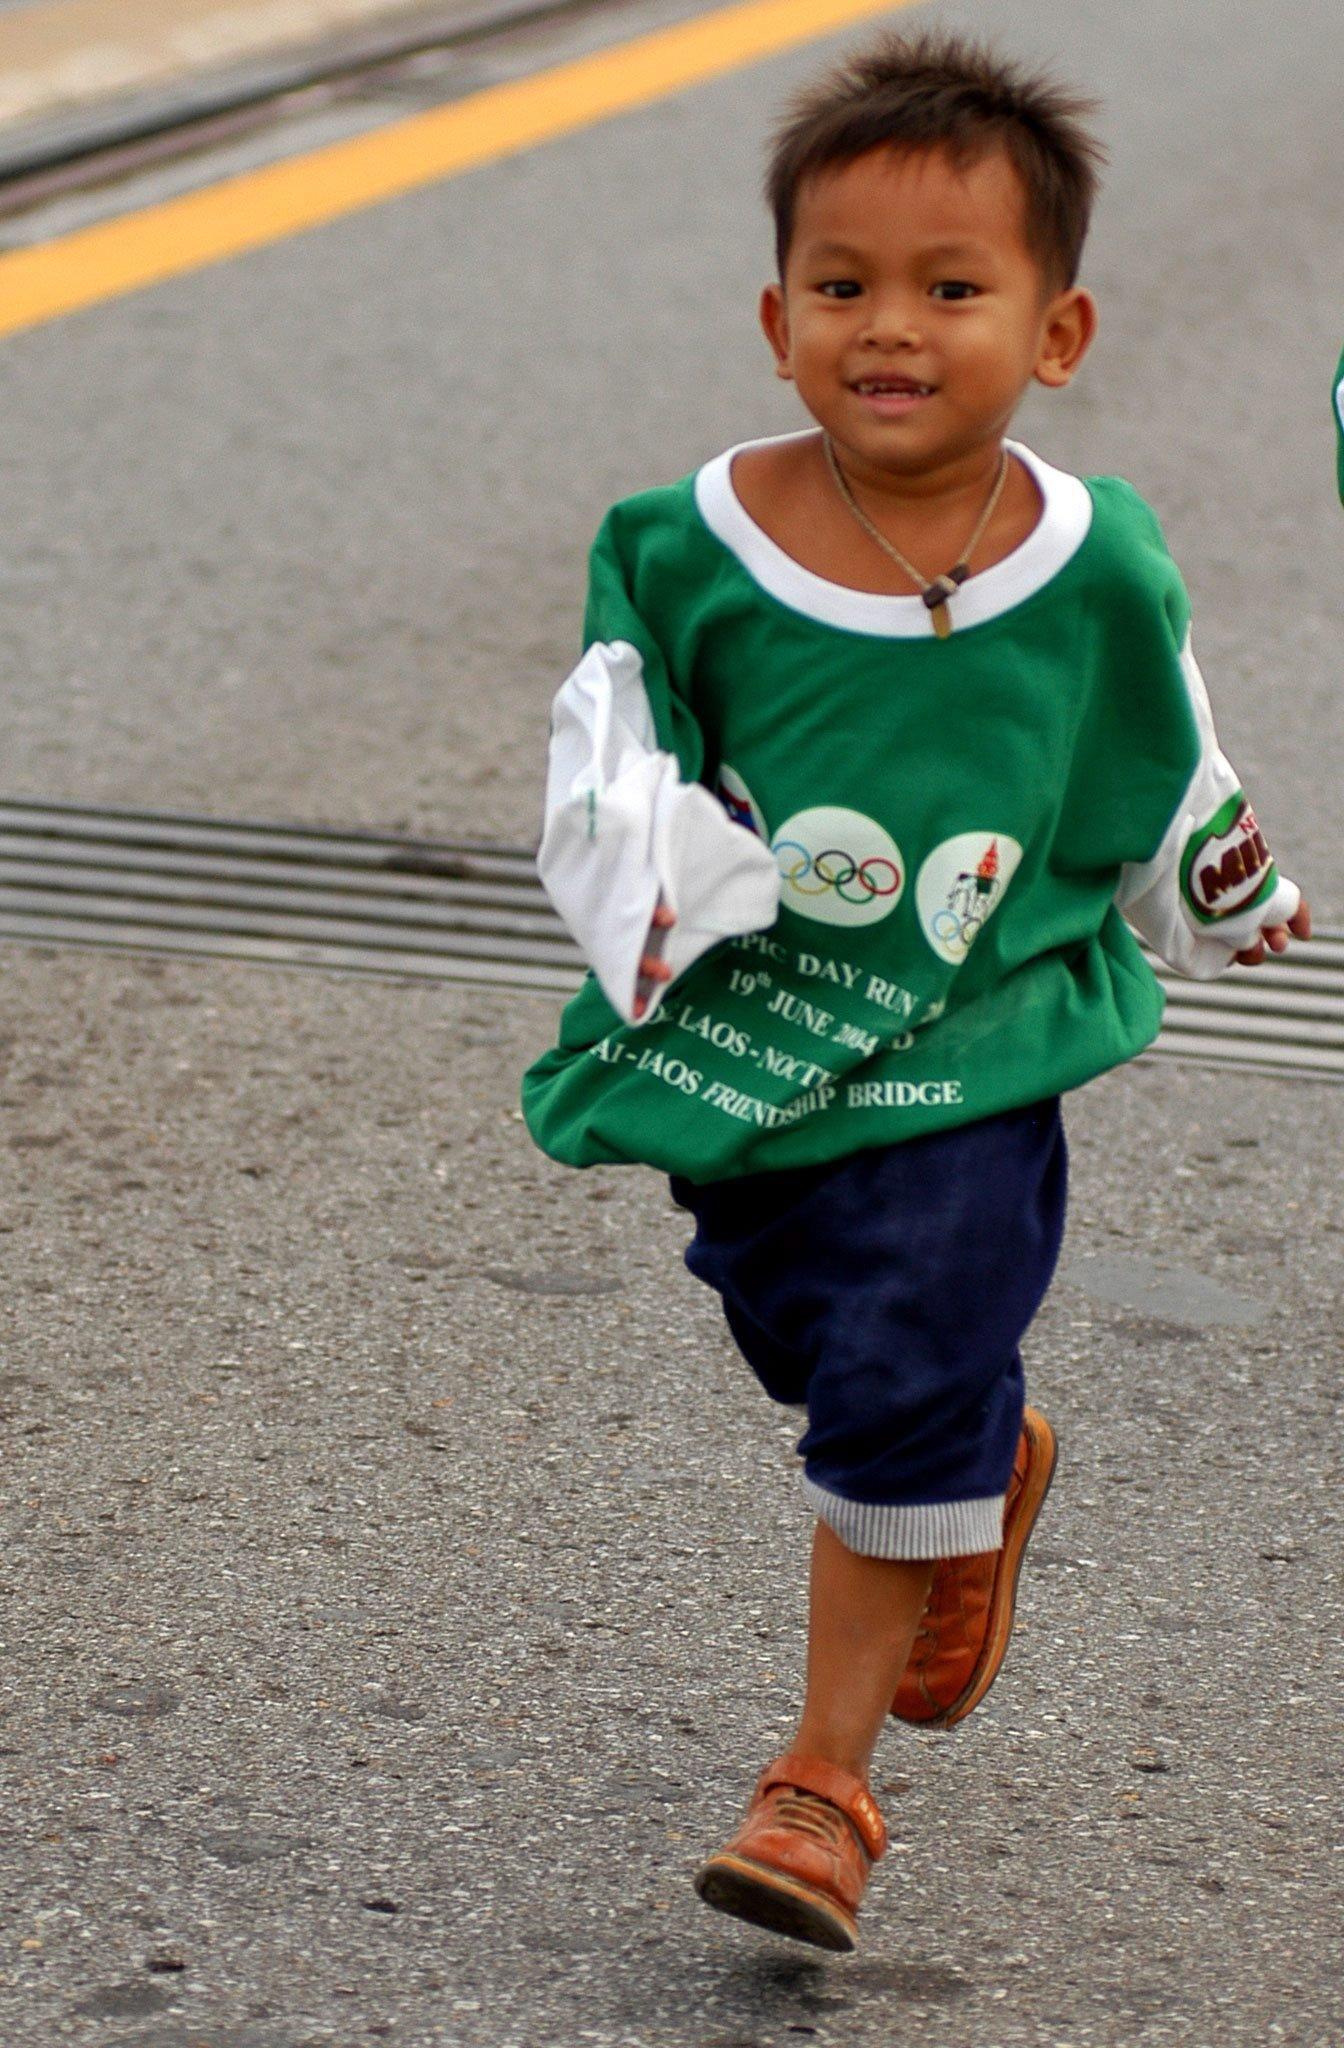 """Ein kleiner Läufer passiert 2004 beim """"Olympic Day Run"""" die Freundschaftsbrücke in Nongkhai. 4000 Läufer aus Thailand und 2000 aus Laos nahmen an der damals gemeinsam von NOKs beider Länder organisierten Veranstaltung teil."""